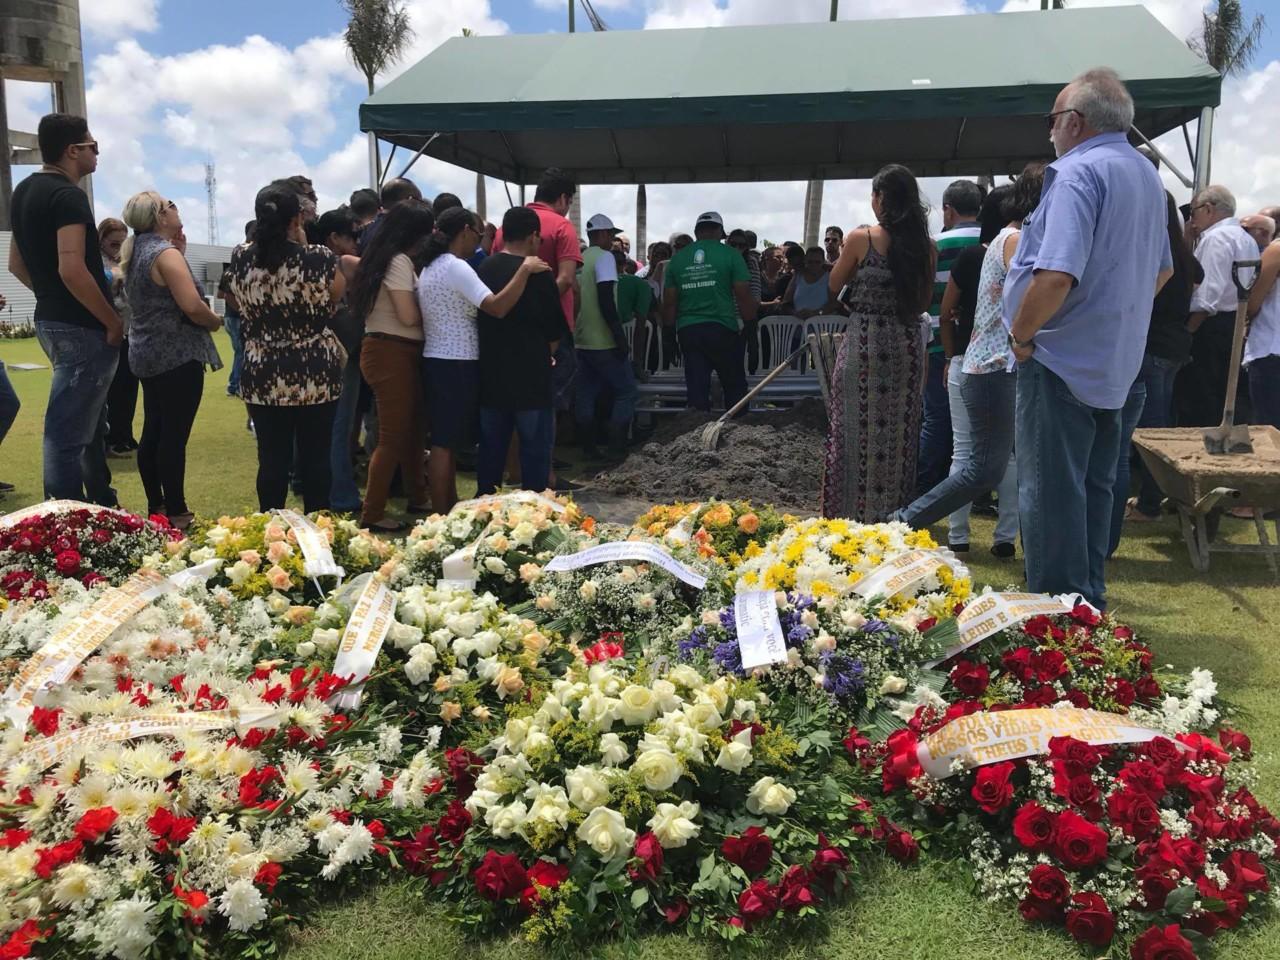 24008280 1637755886280571 606472287 o - VEJA VÍDEOS: Sócio de empresário assassinado diz durante sepultamento que 'gabinetes bacanas de Brasília' deixam população à mercê de bandidos